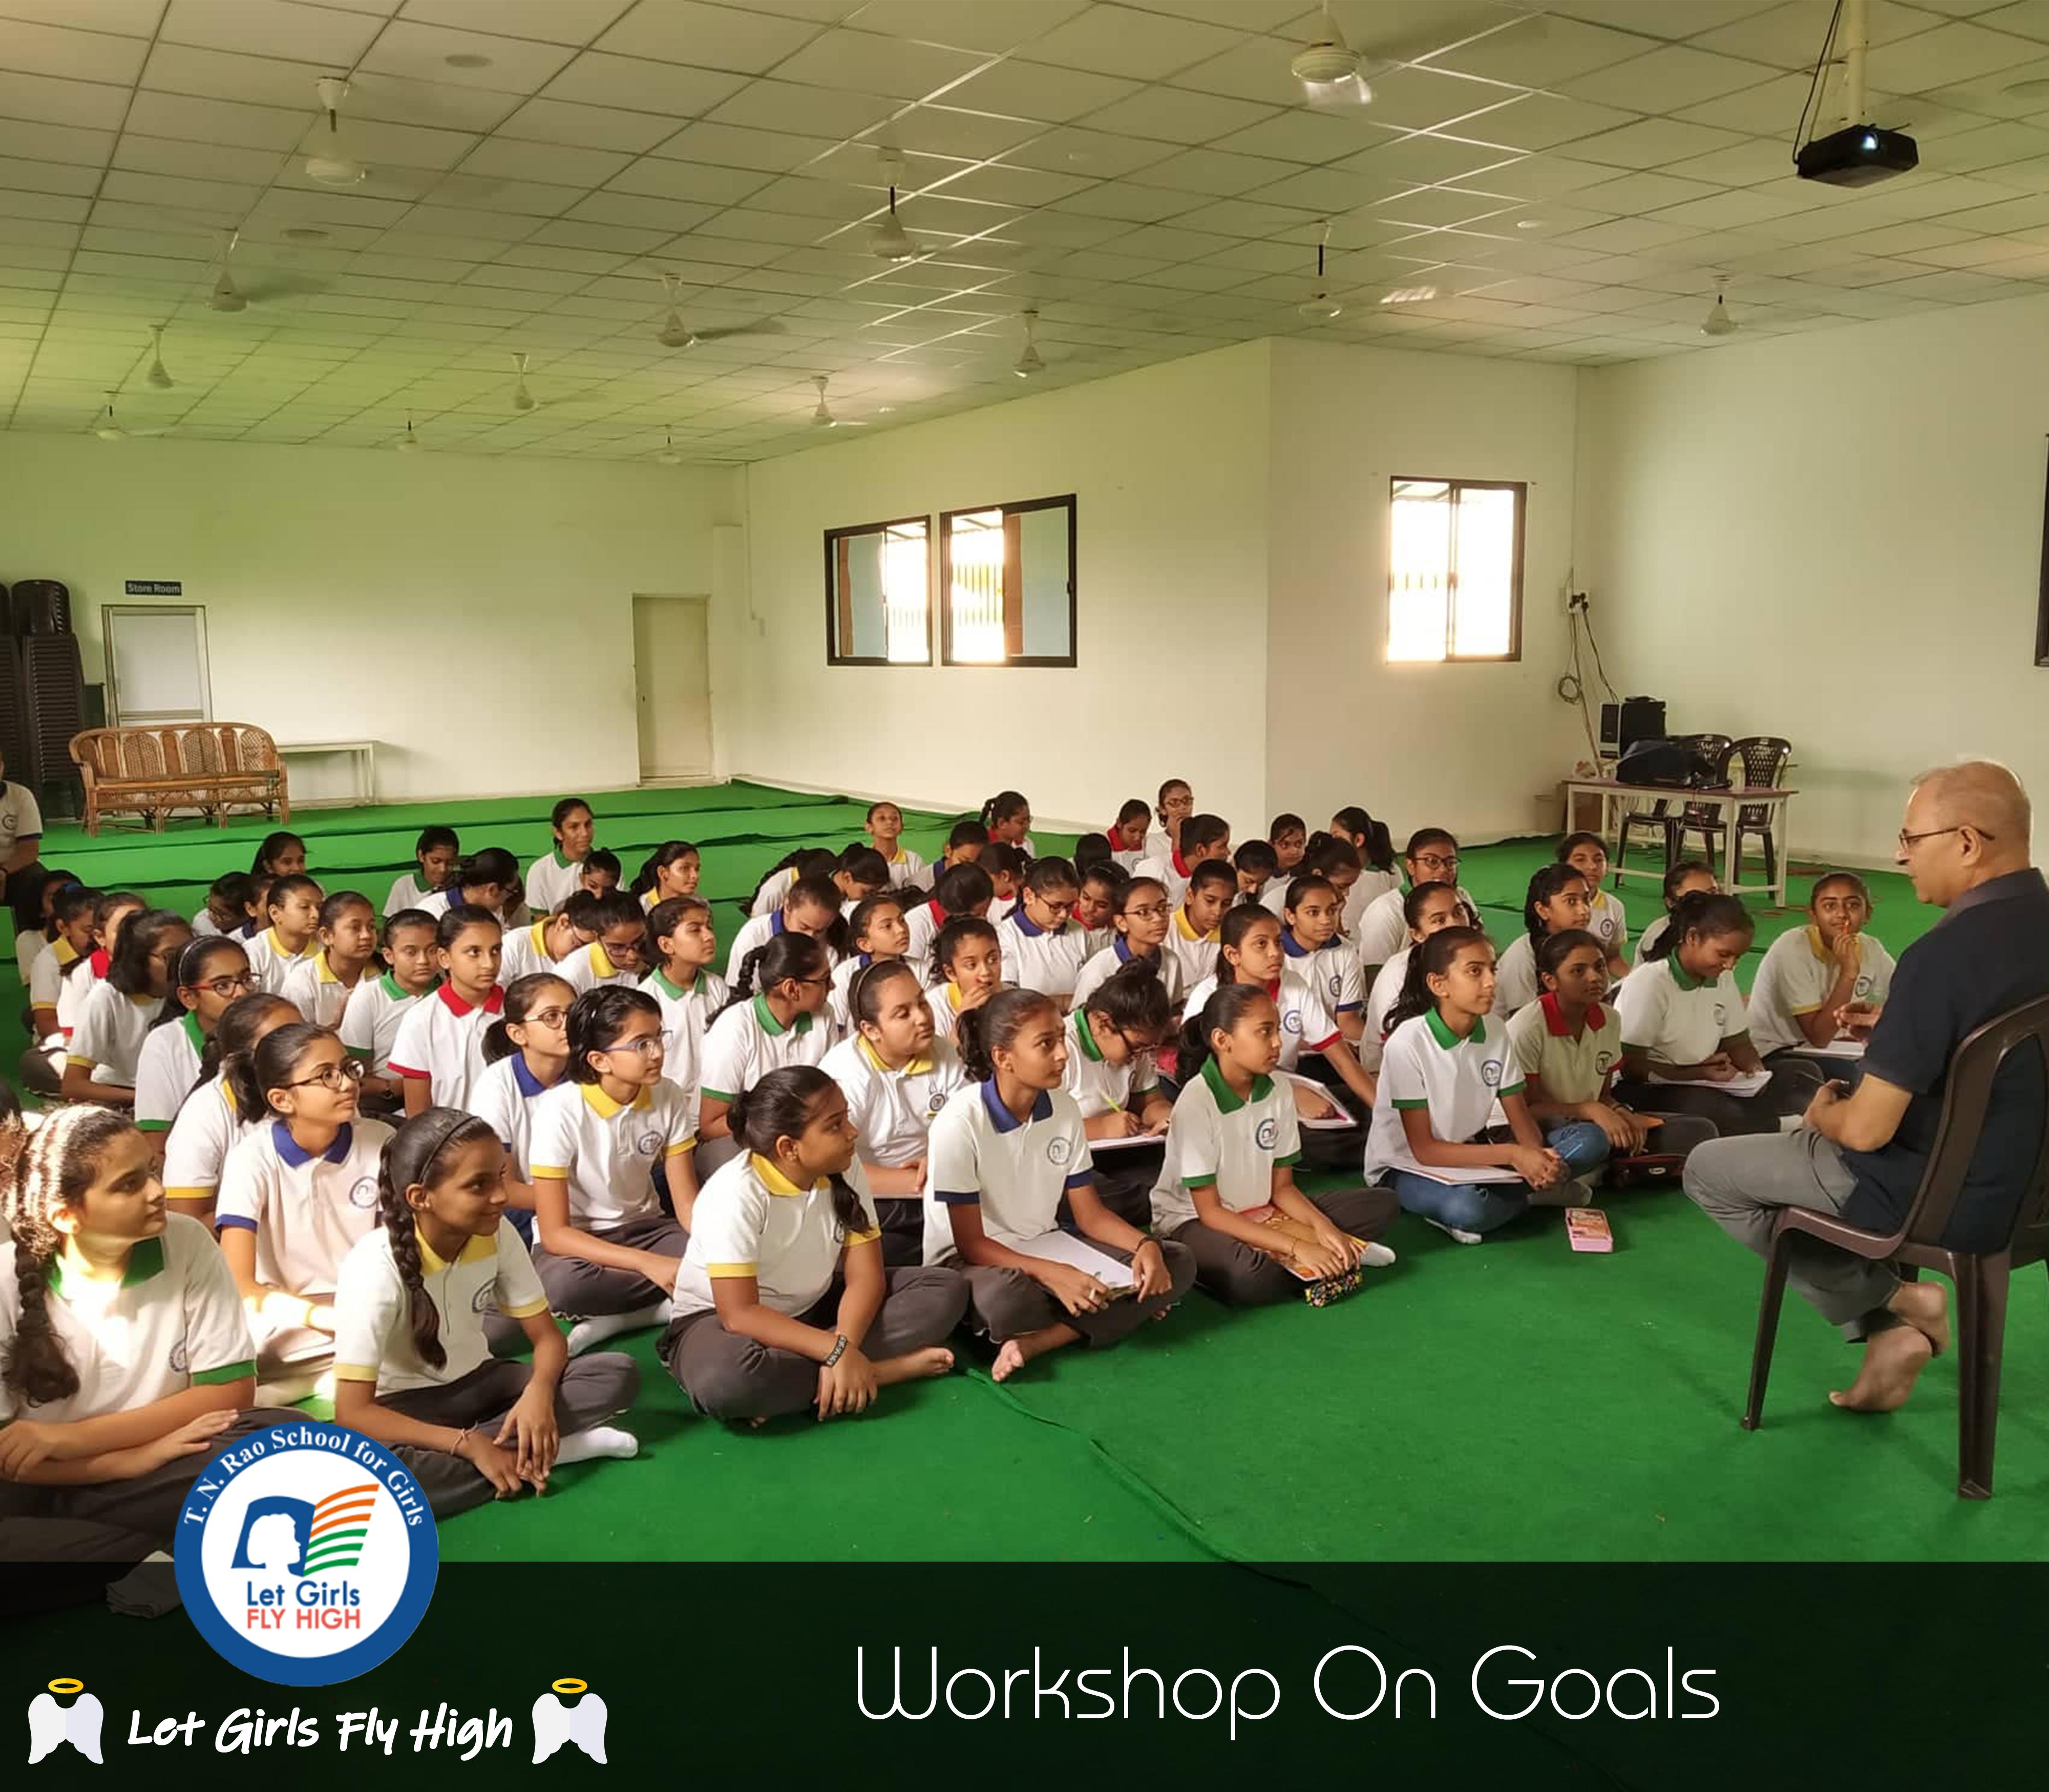 Workshop on Goals